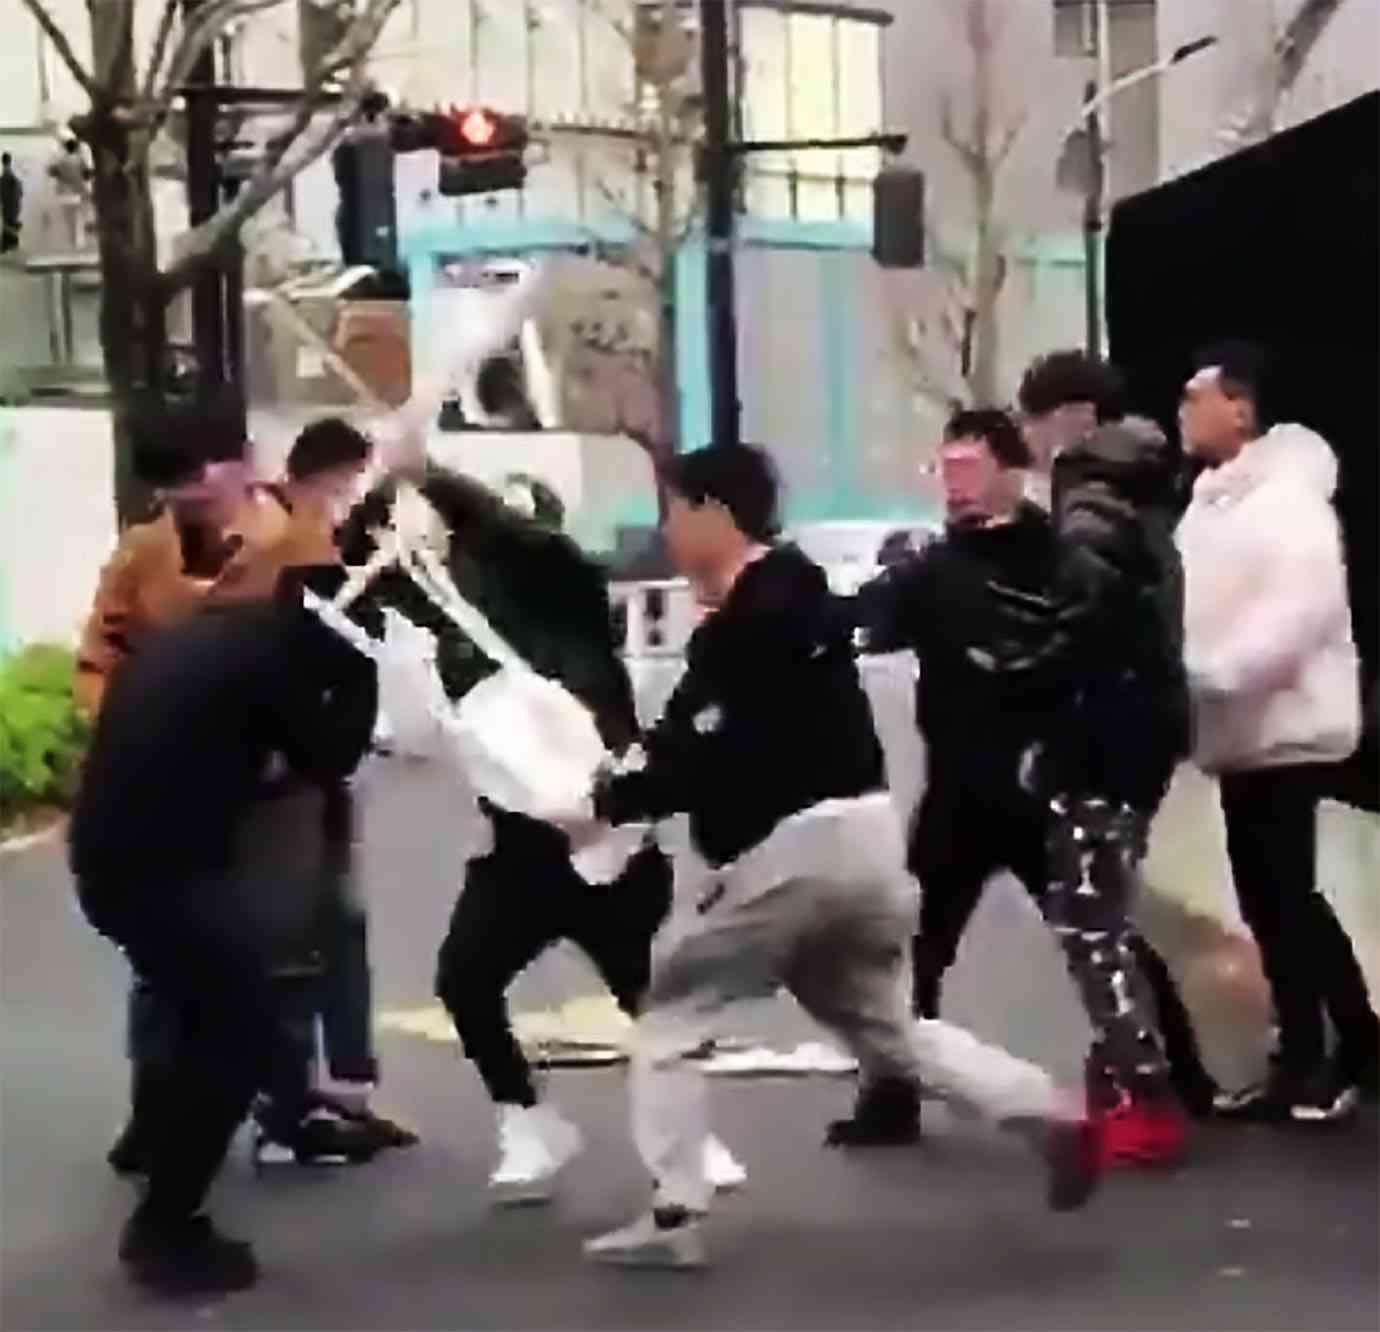 人気ブランドSupremeの行列で集団暴行か  武器を持った客がシュプリーム店員を集団リンチ